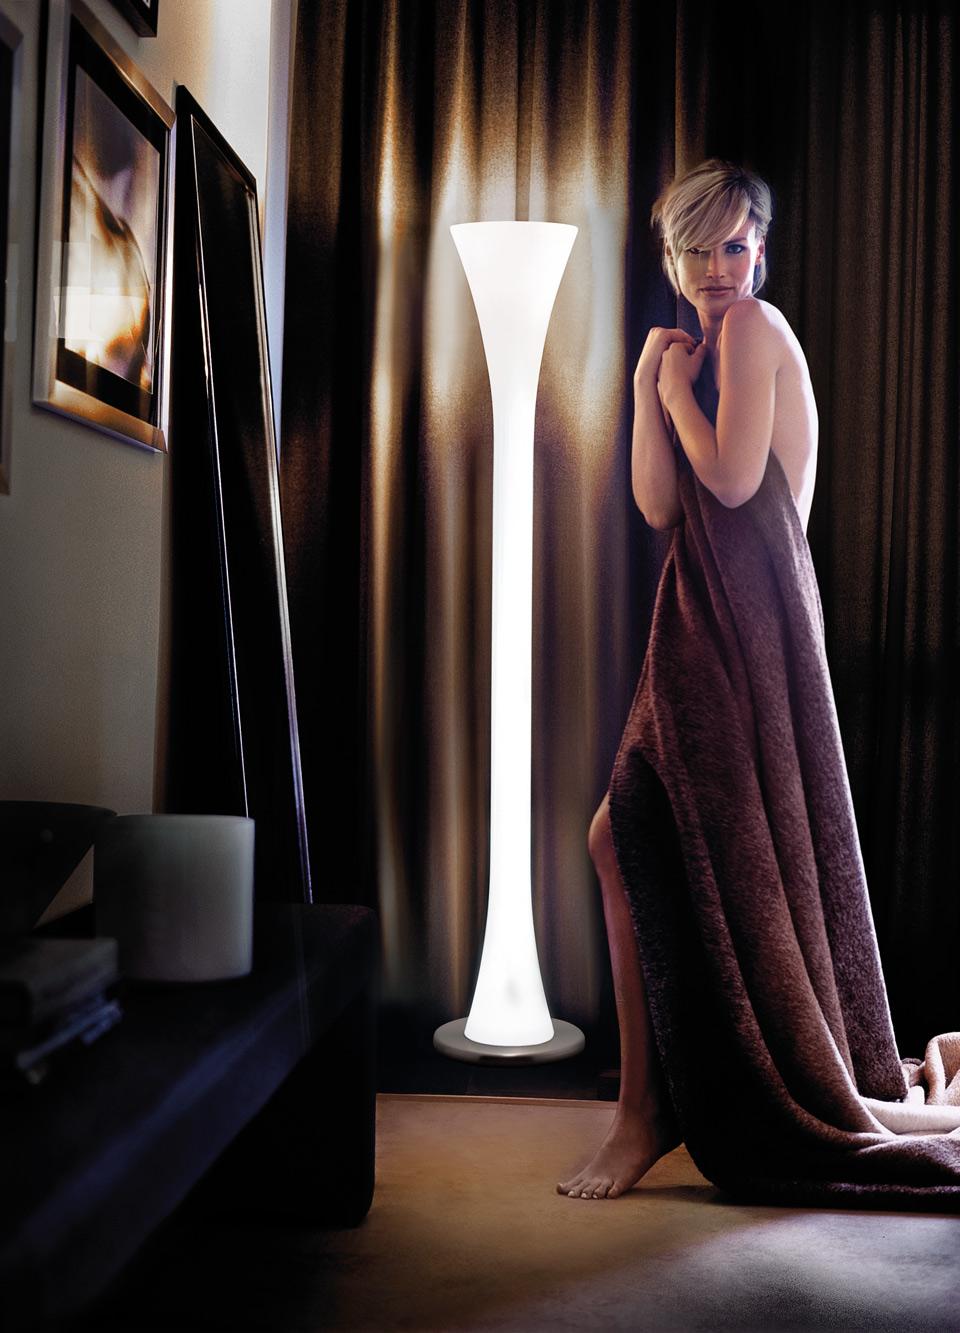 Lampadaire en verre blanc translucide sur toute sa hauteur deux éclairages Lepanto. Vistosi.